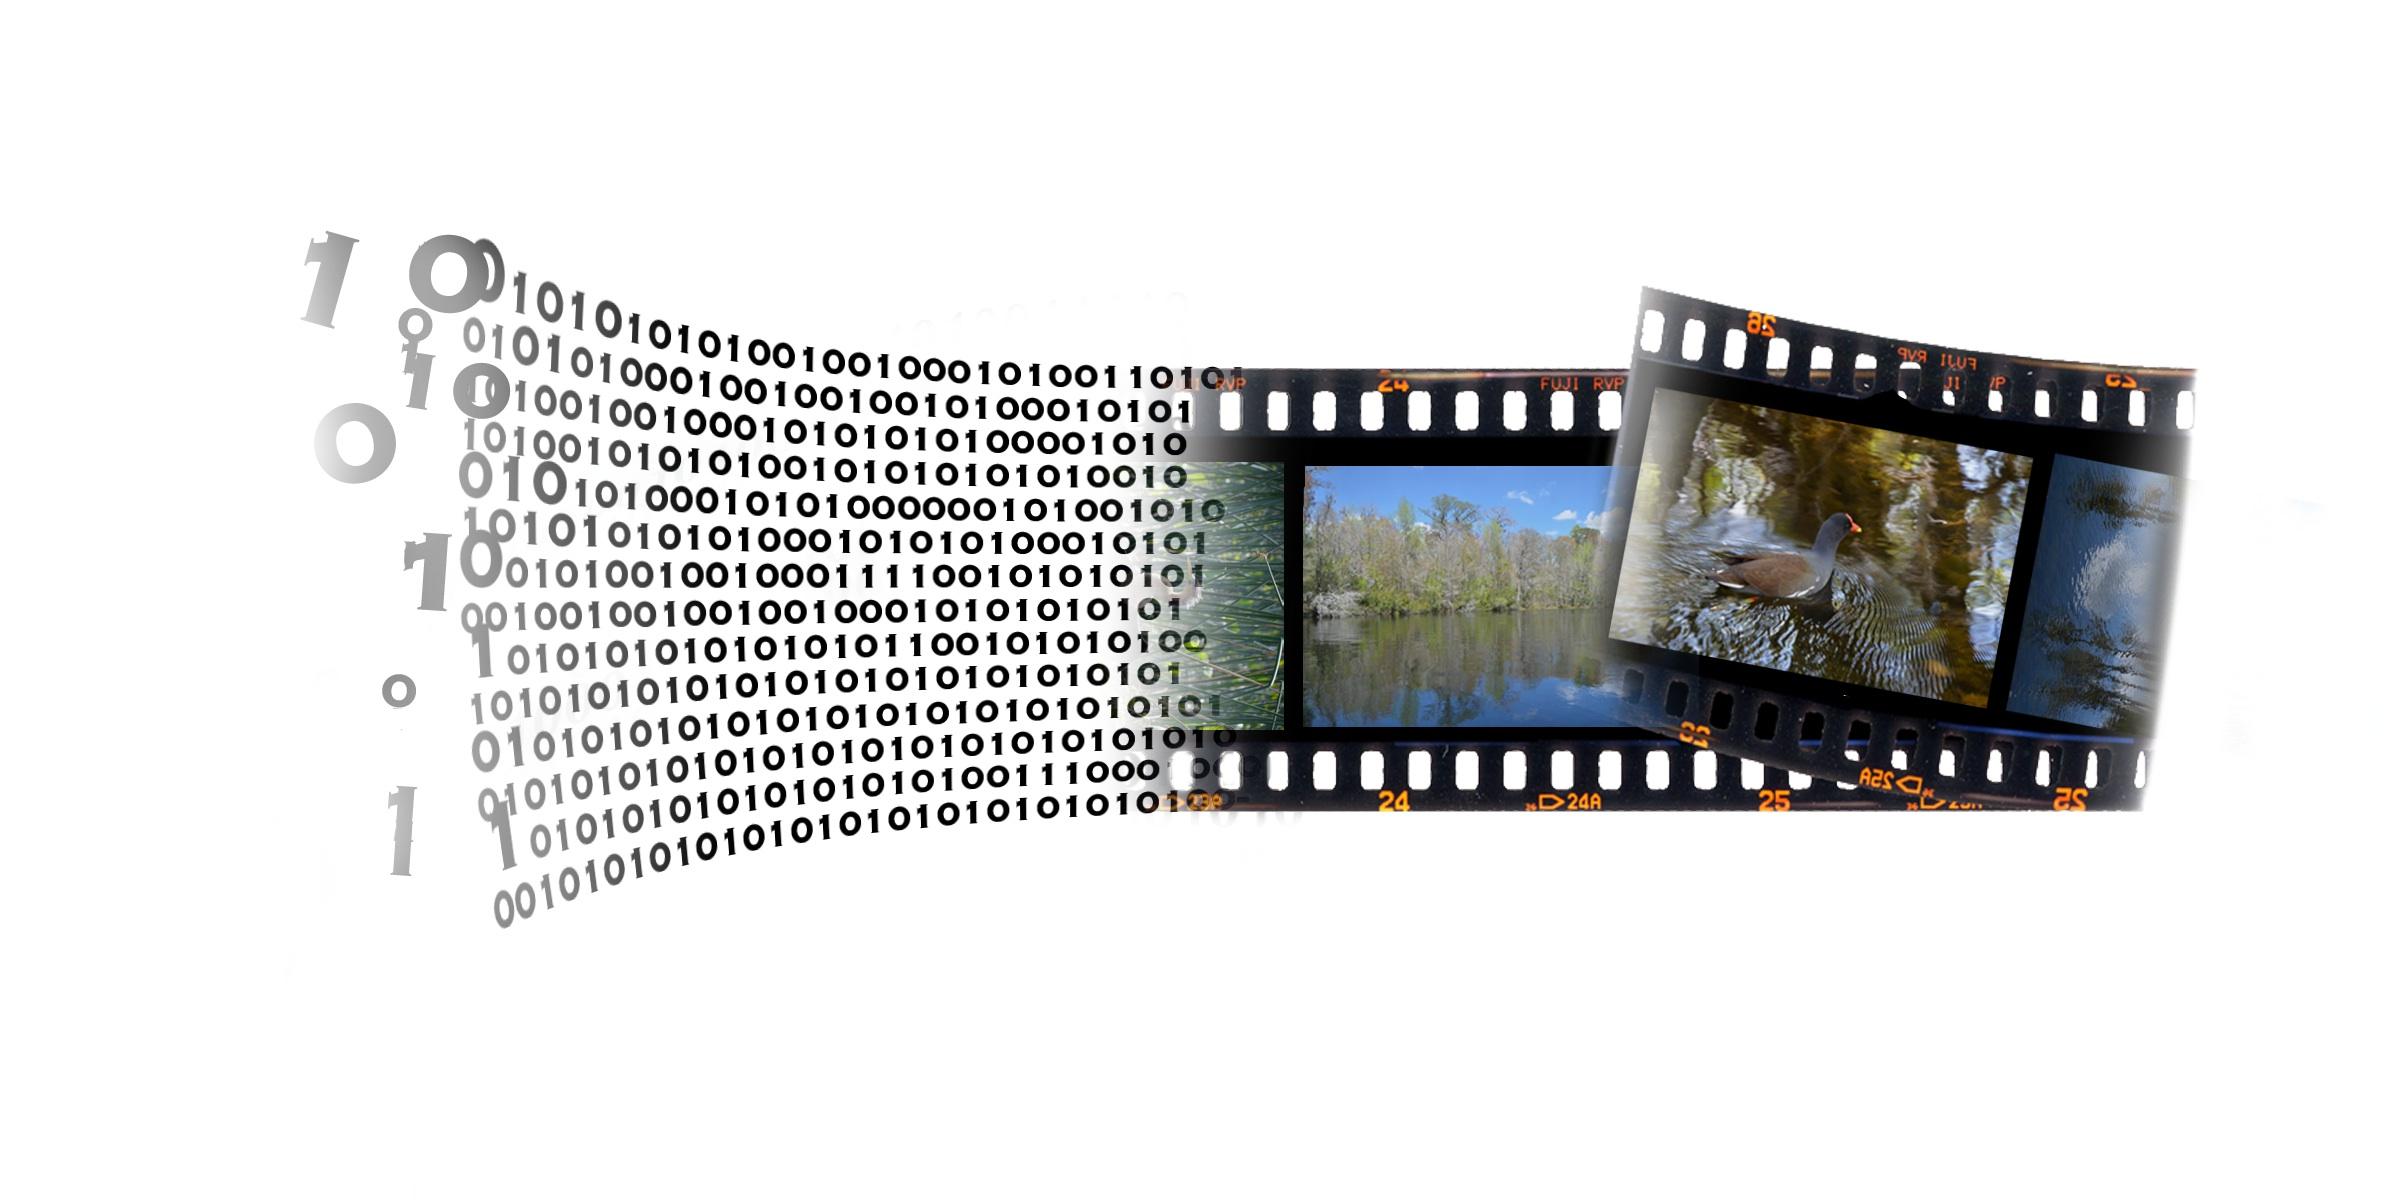 film vs digital debate How tech has shaped film making: the film vs digital debate is put to rest rss subscribe how tech has shaped film making: the film vs digital debate is put to rest entertainment january 14, 2018 bruce1658 0.